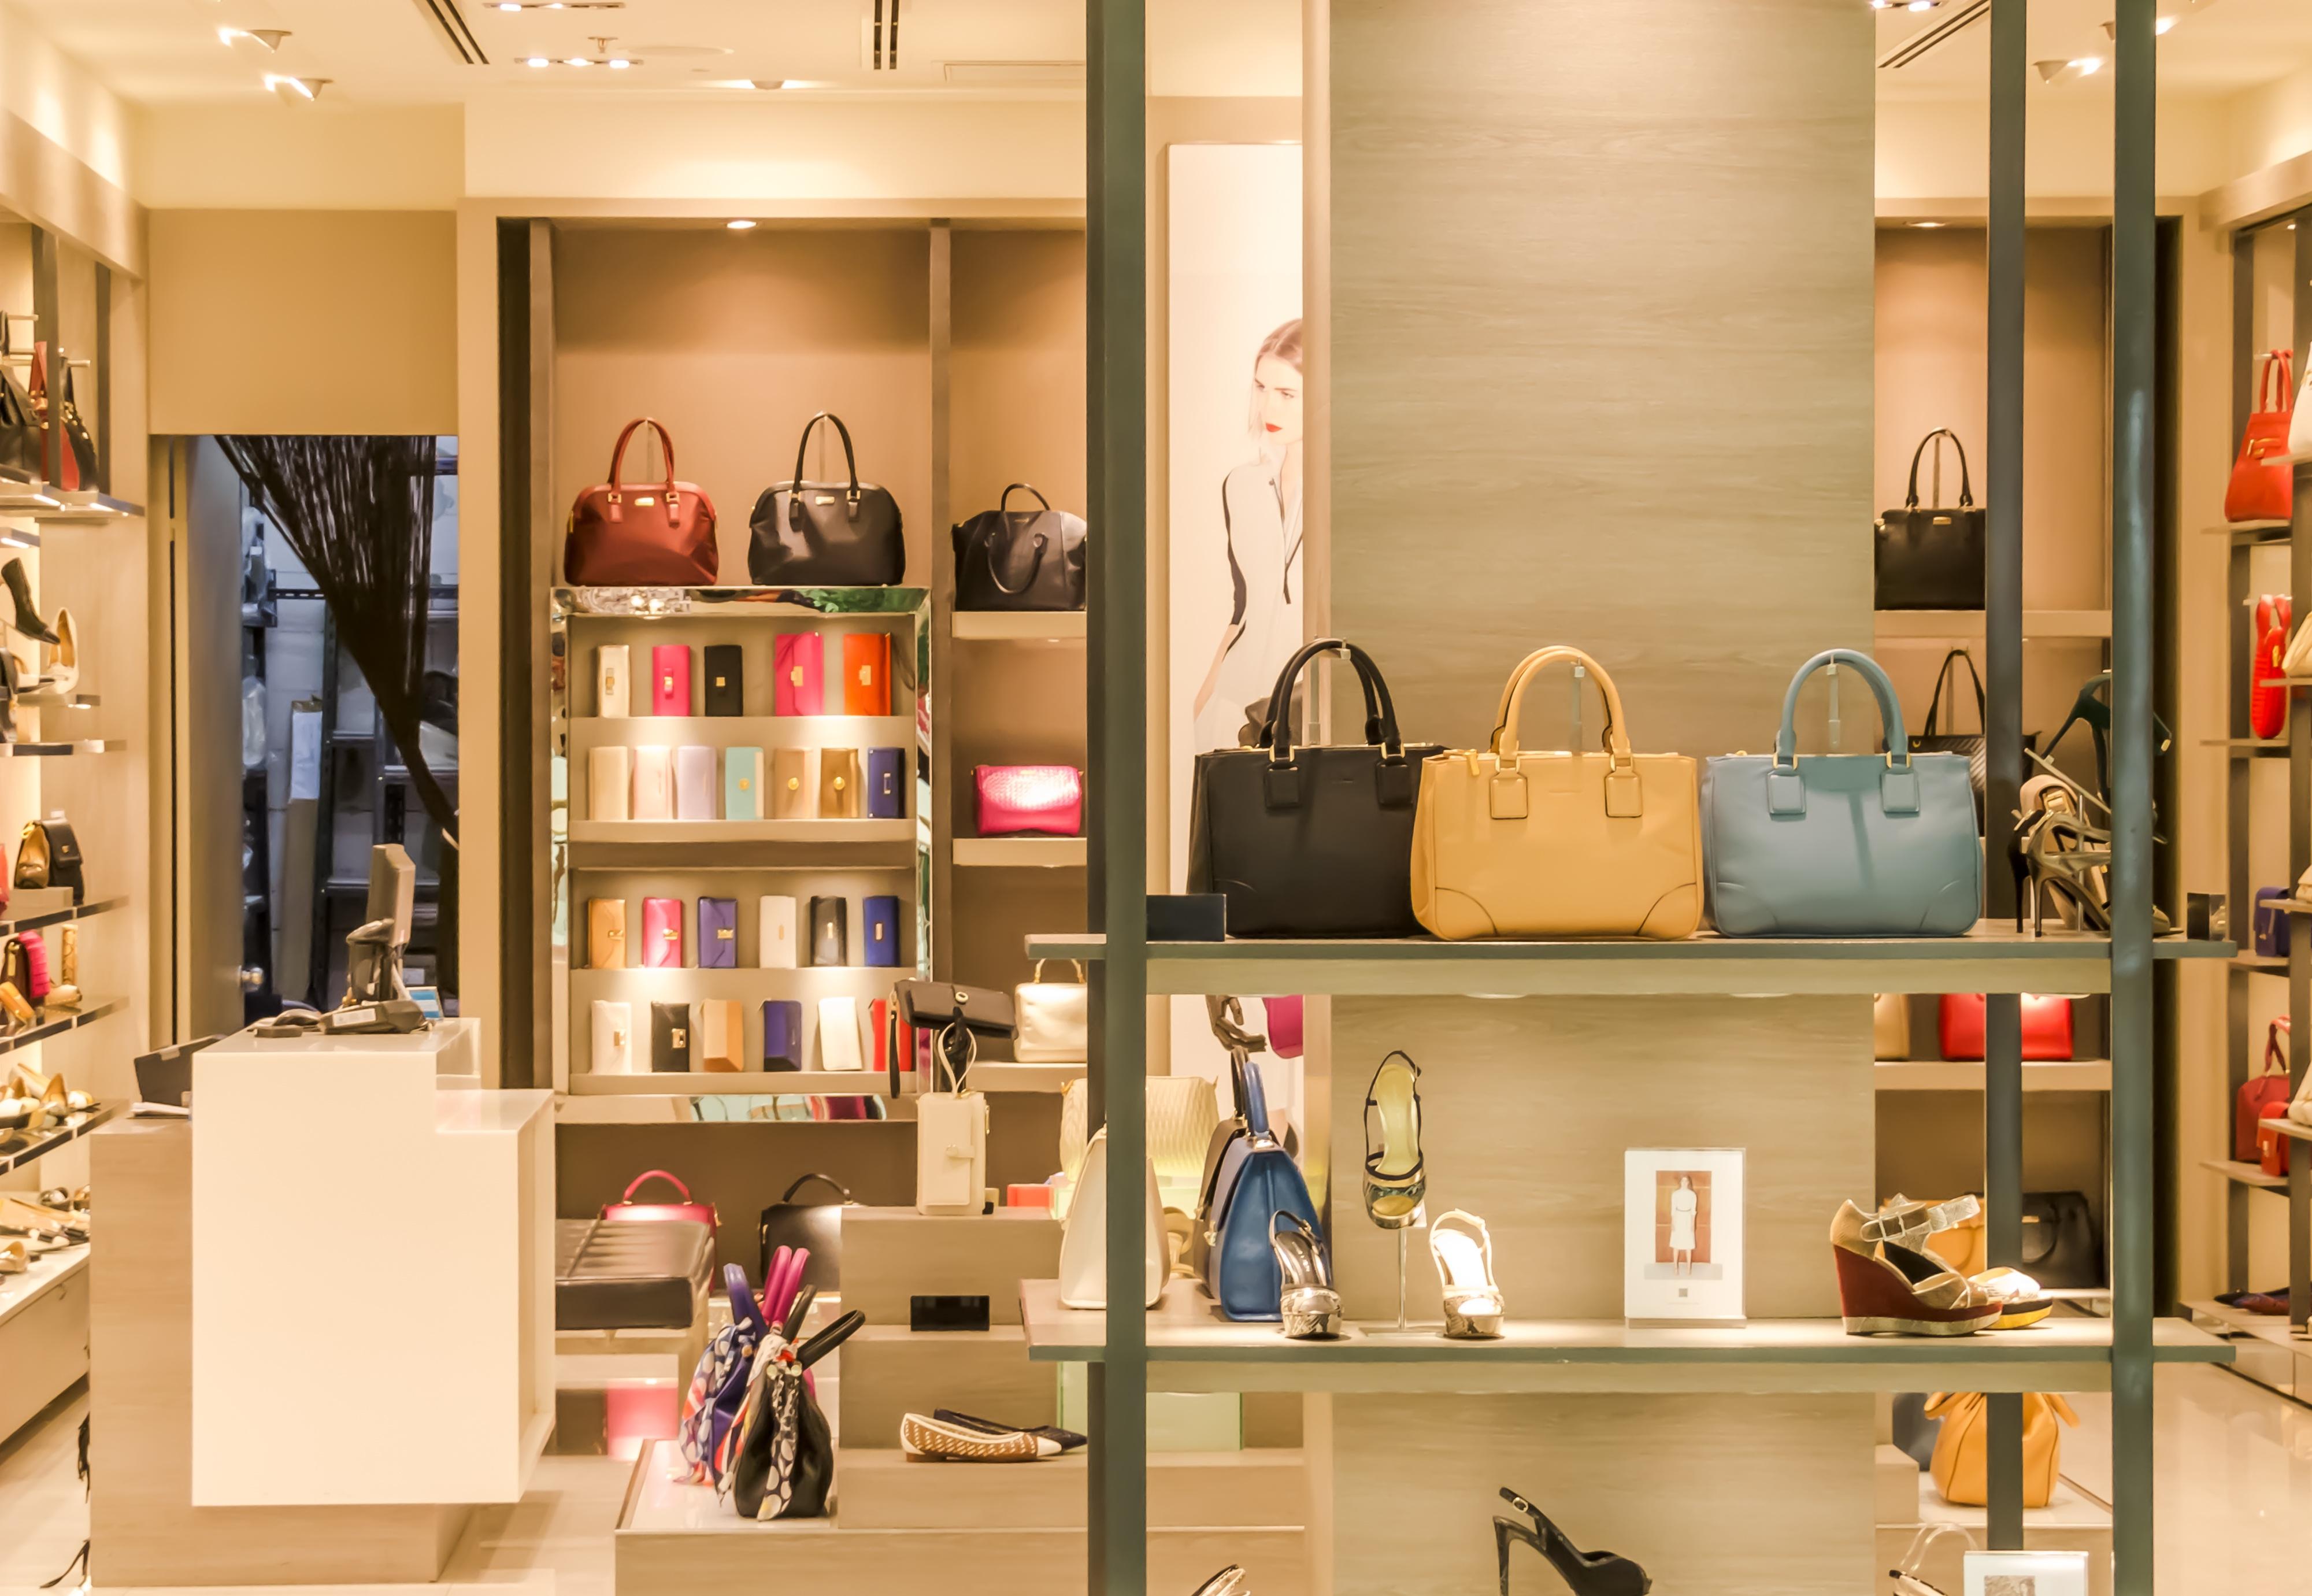 Images Gratuites : texture, maison, boutique, étagère, mode, meubles ...